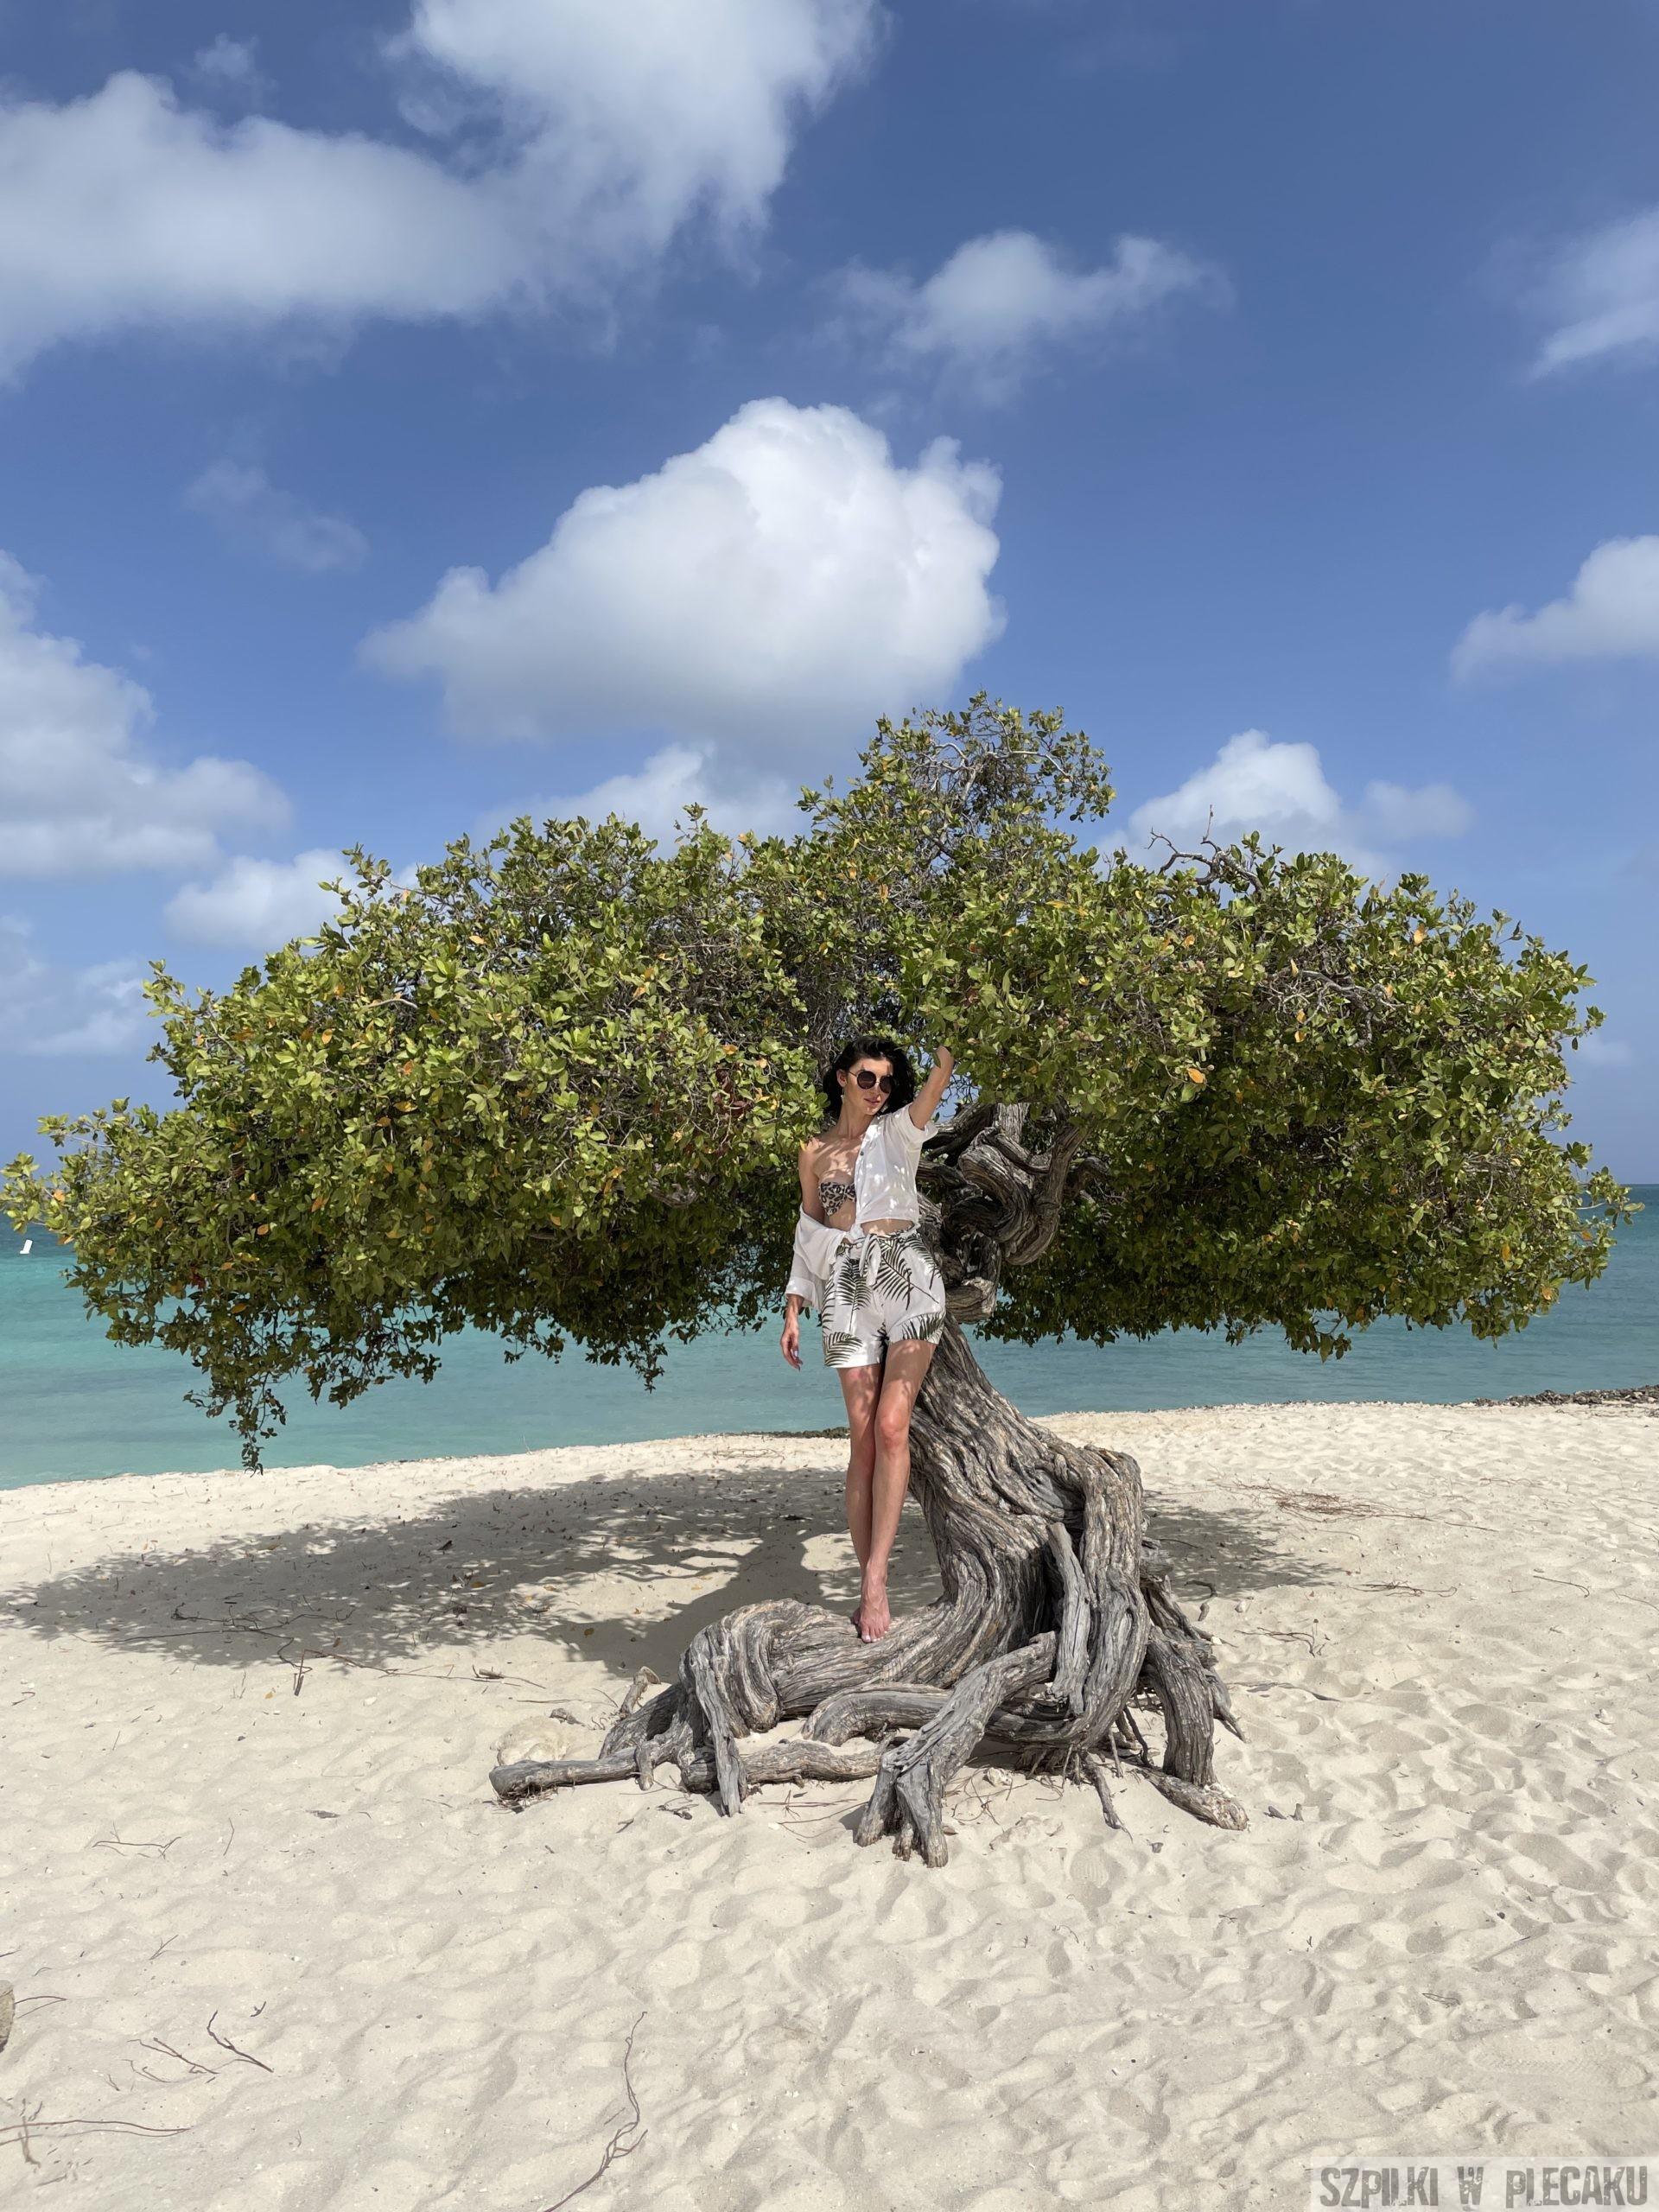 Divi Divi - Aruba - Szpilki w Plecaku